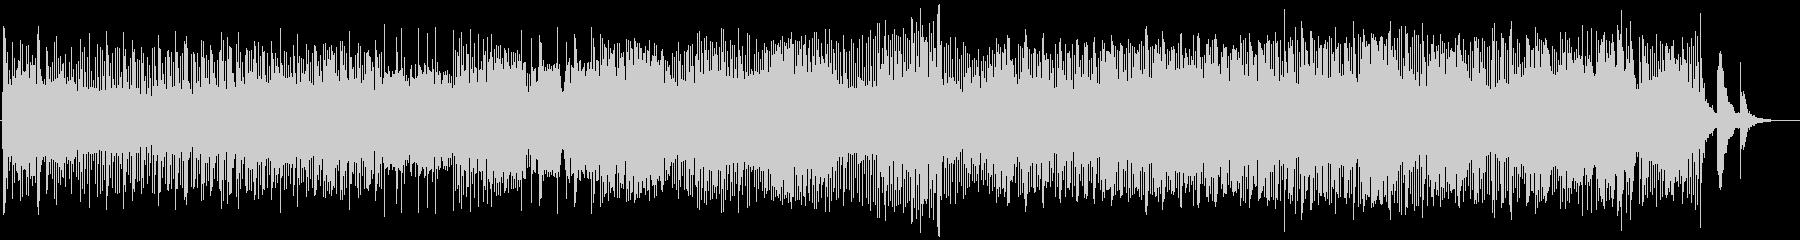 有名な作曲家リムスキー・コルサコフ...の未再生の波形